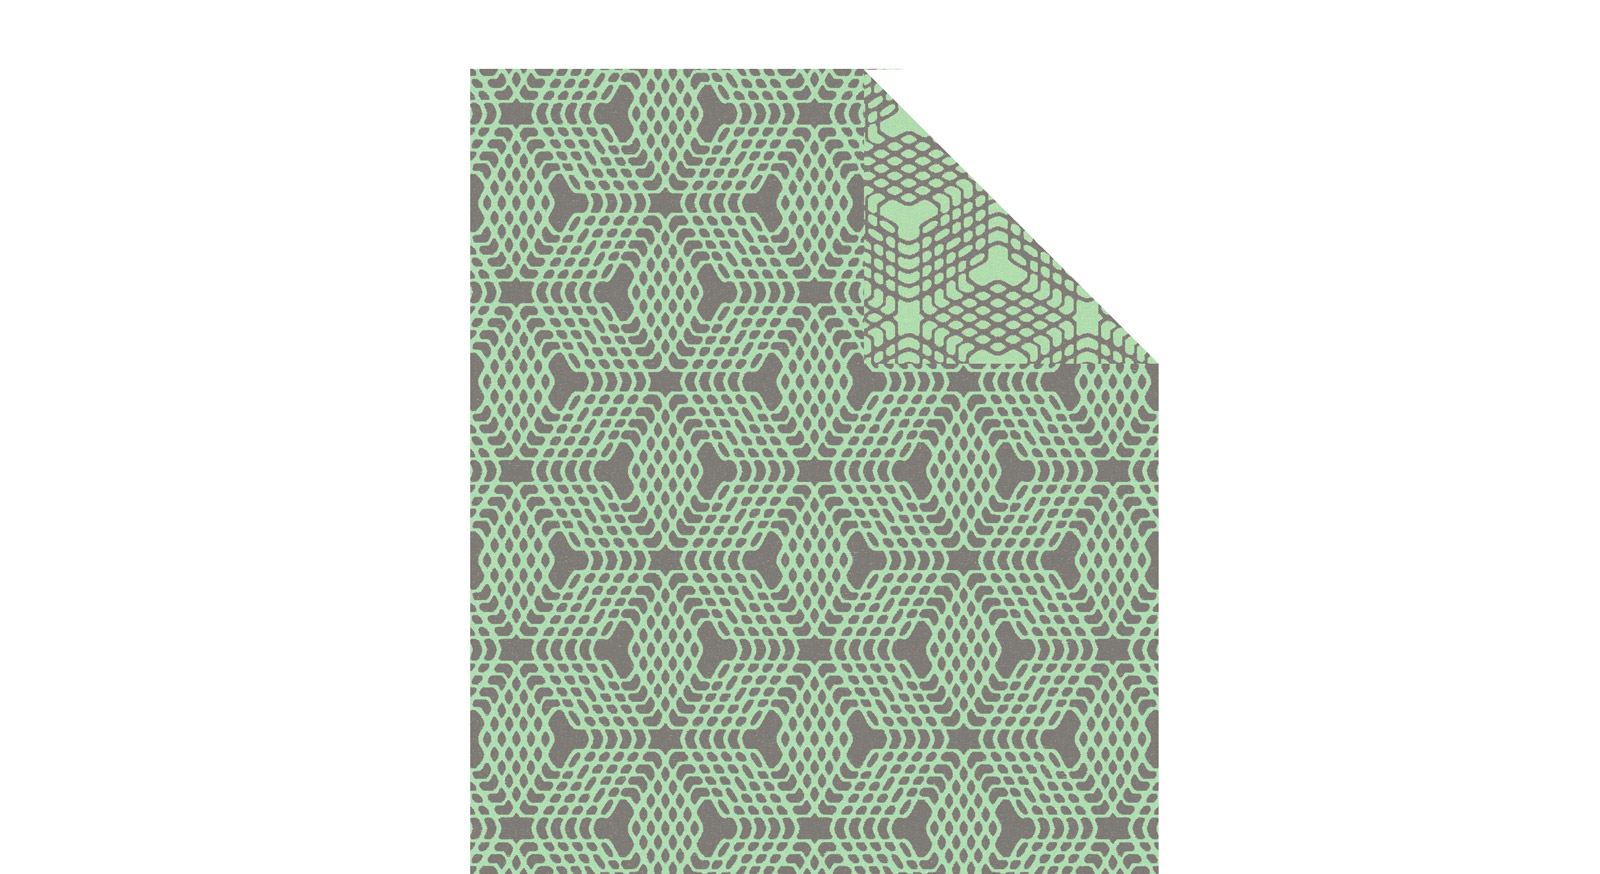 Bio-Kuscheldecke Technique mit grün-grauem Muster